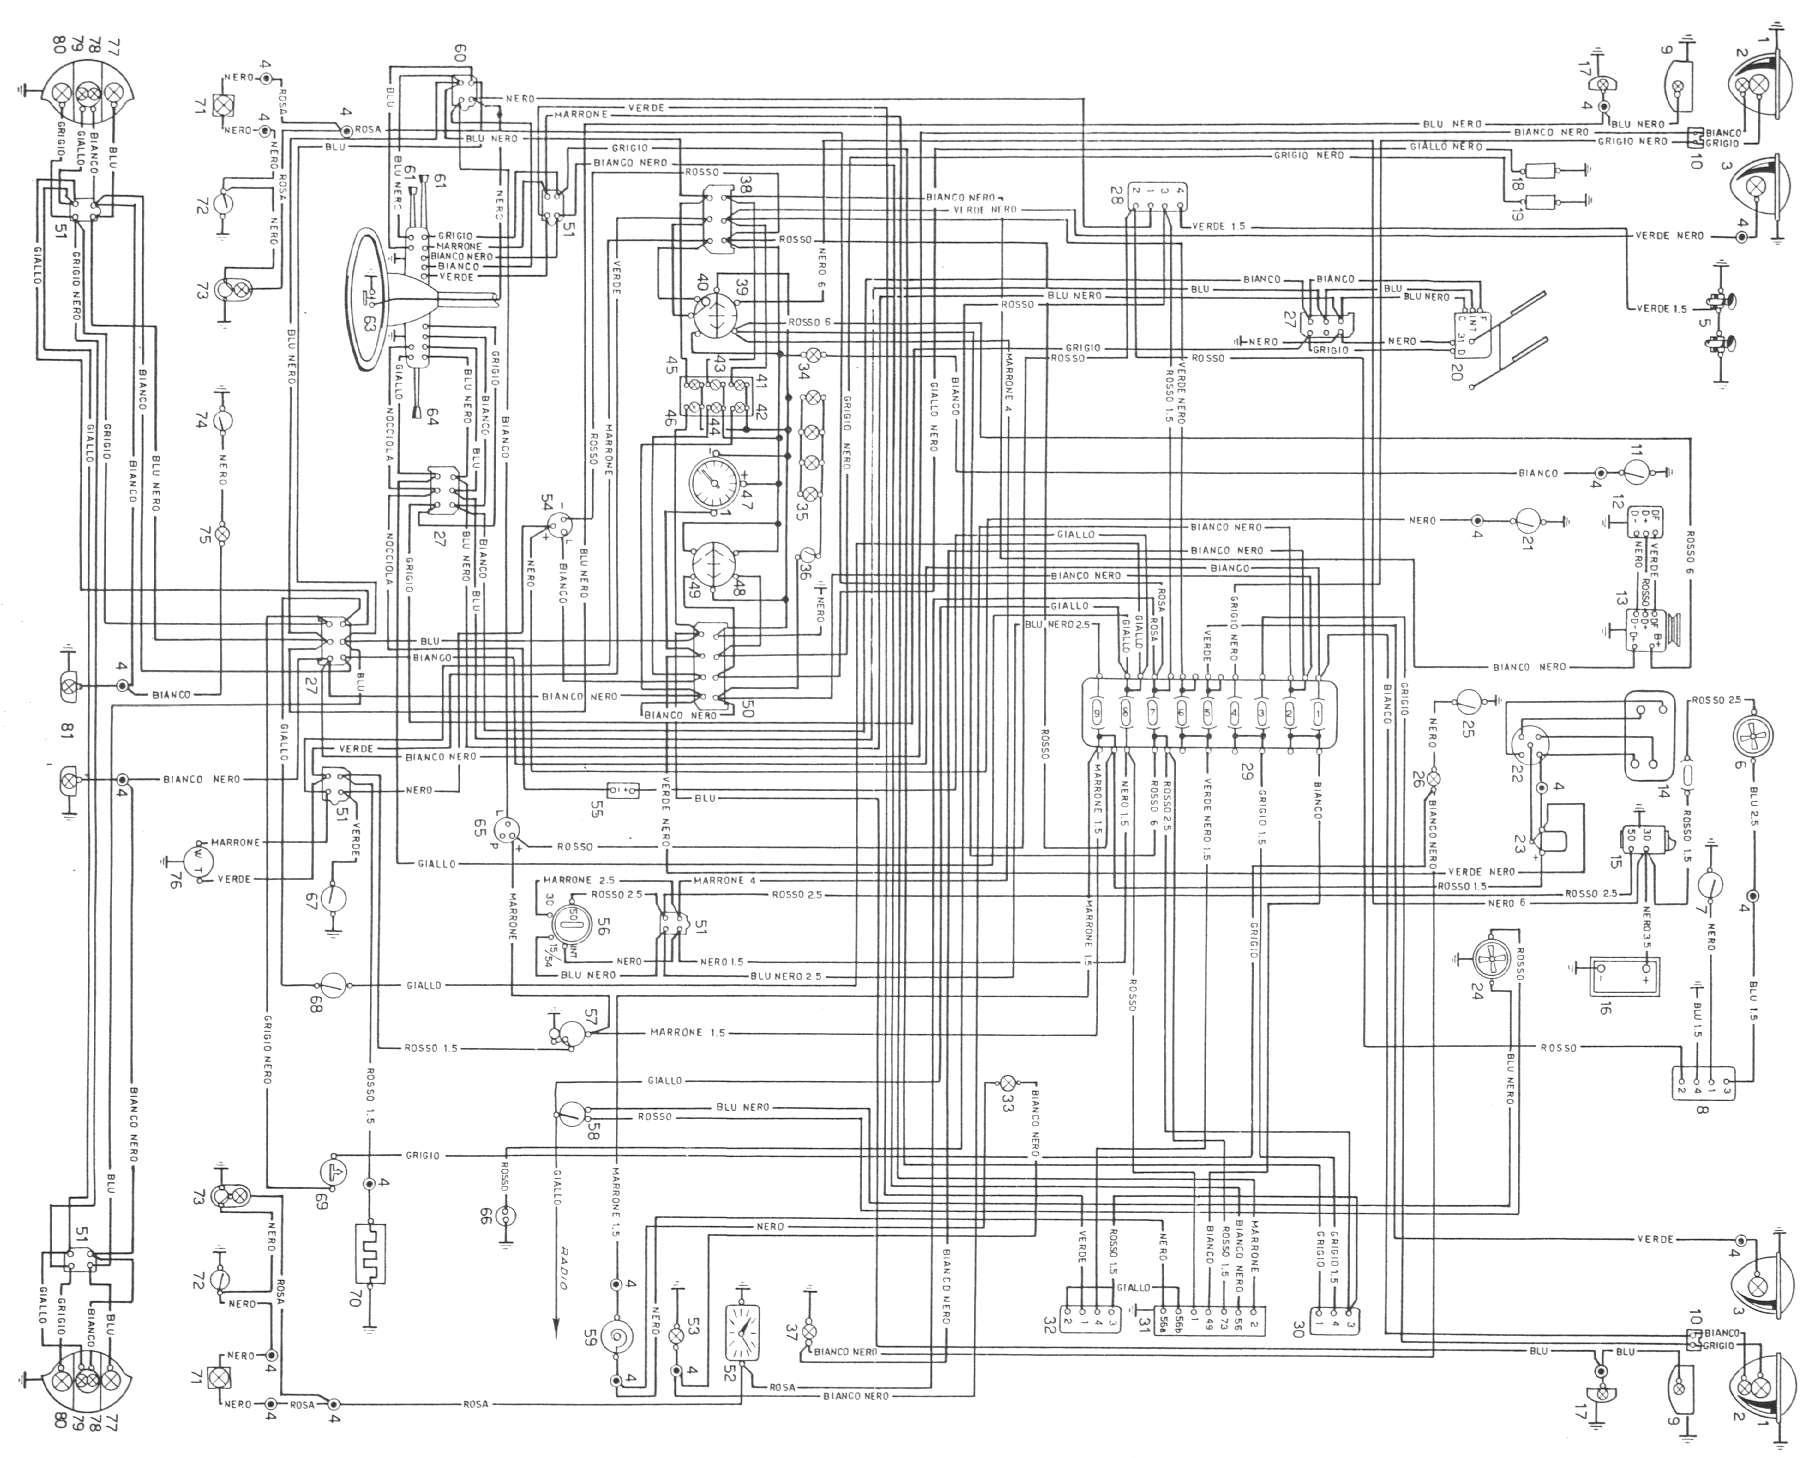 schema elettrico alzacristalli fiat grande punto